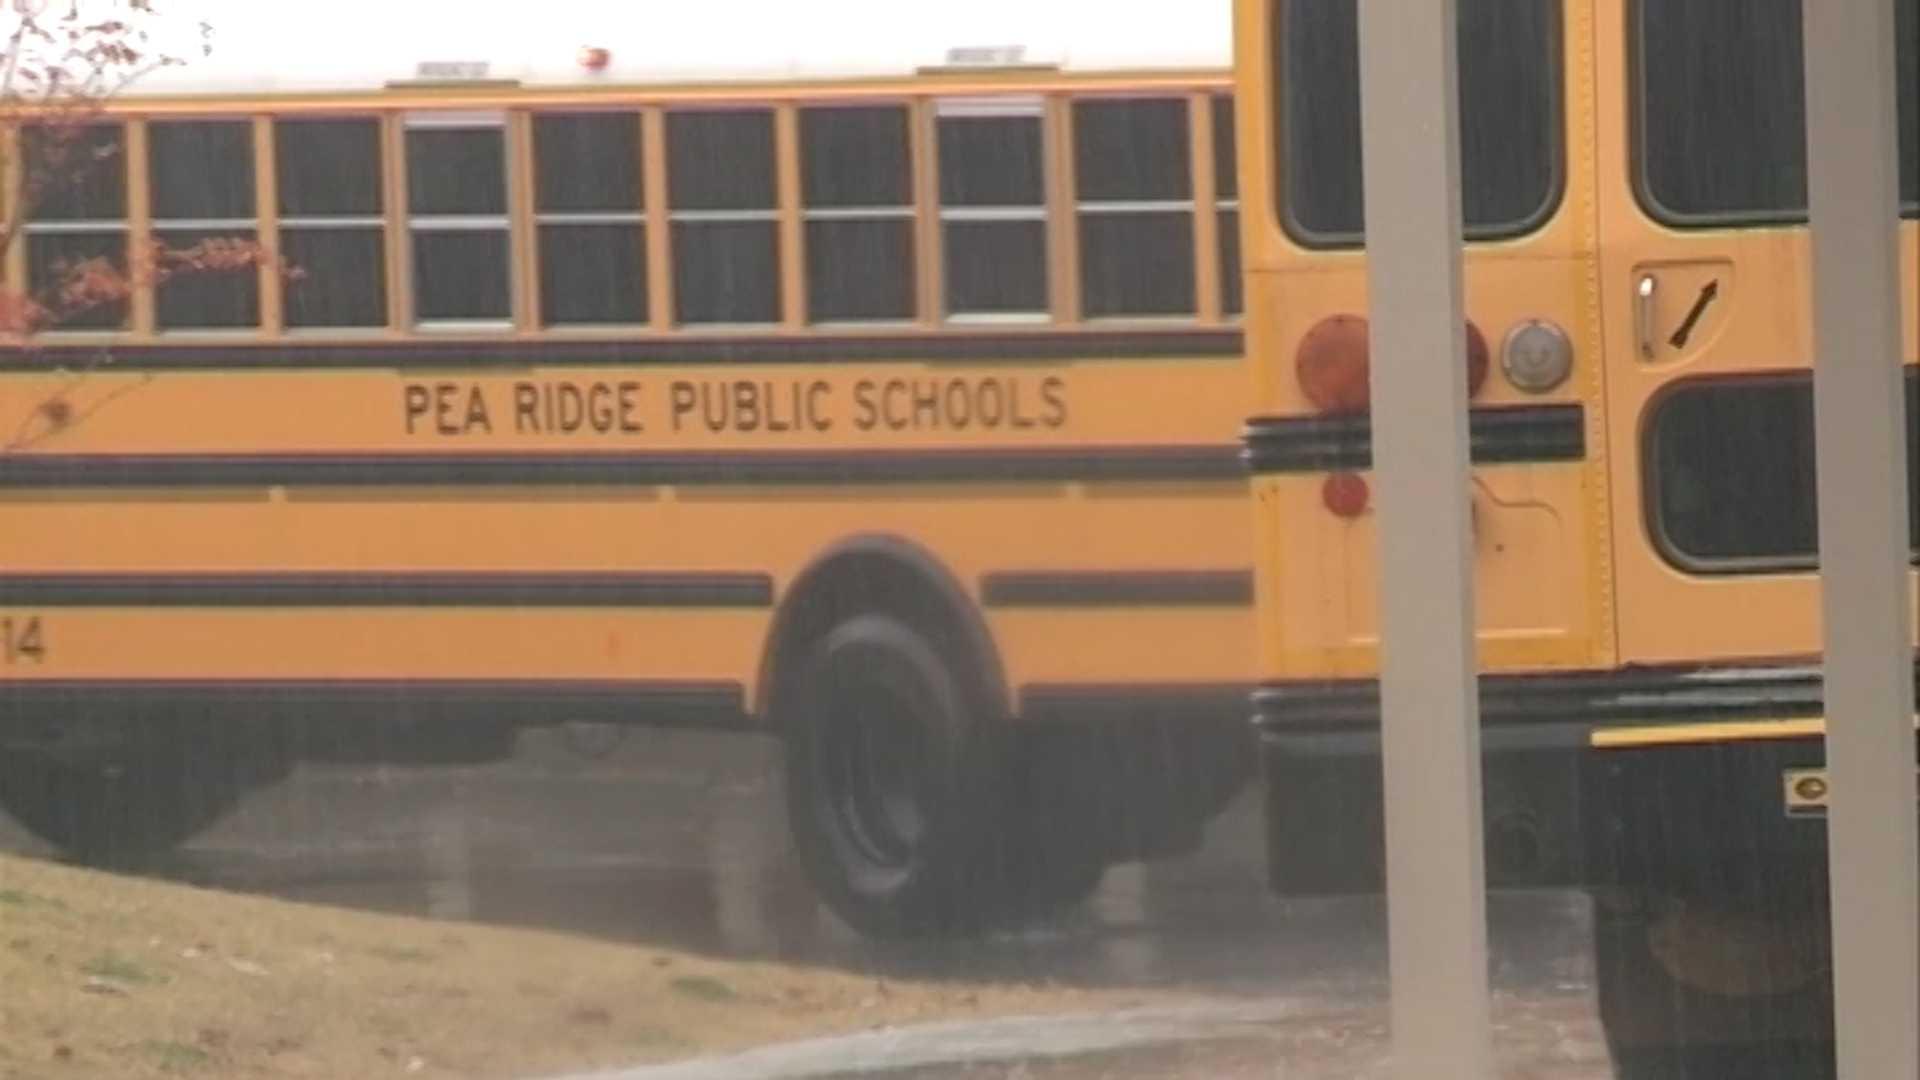 Pea Ridge Public Schools